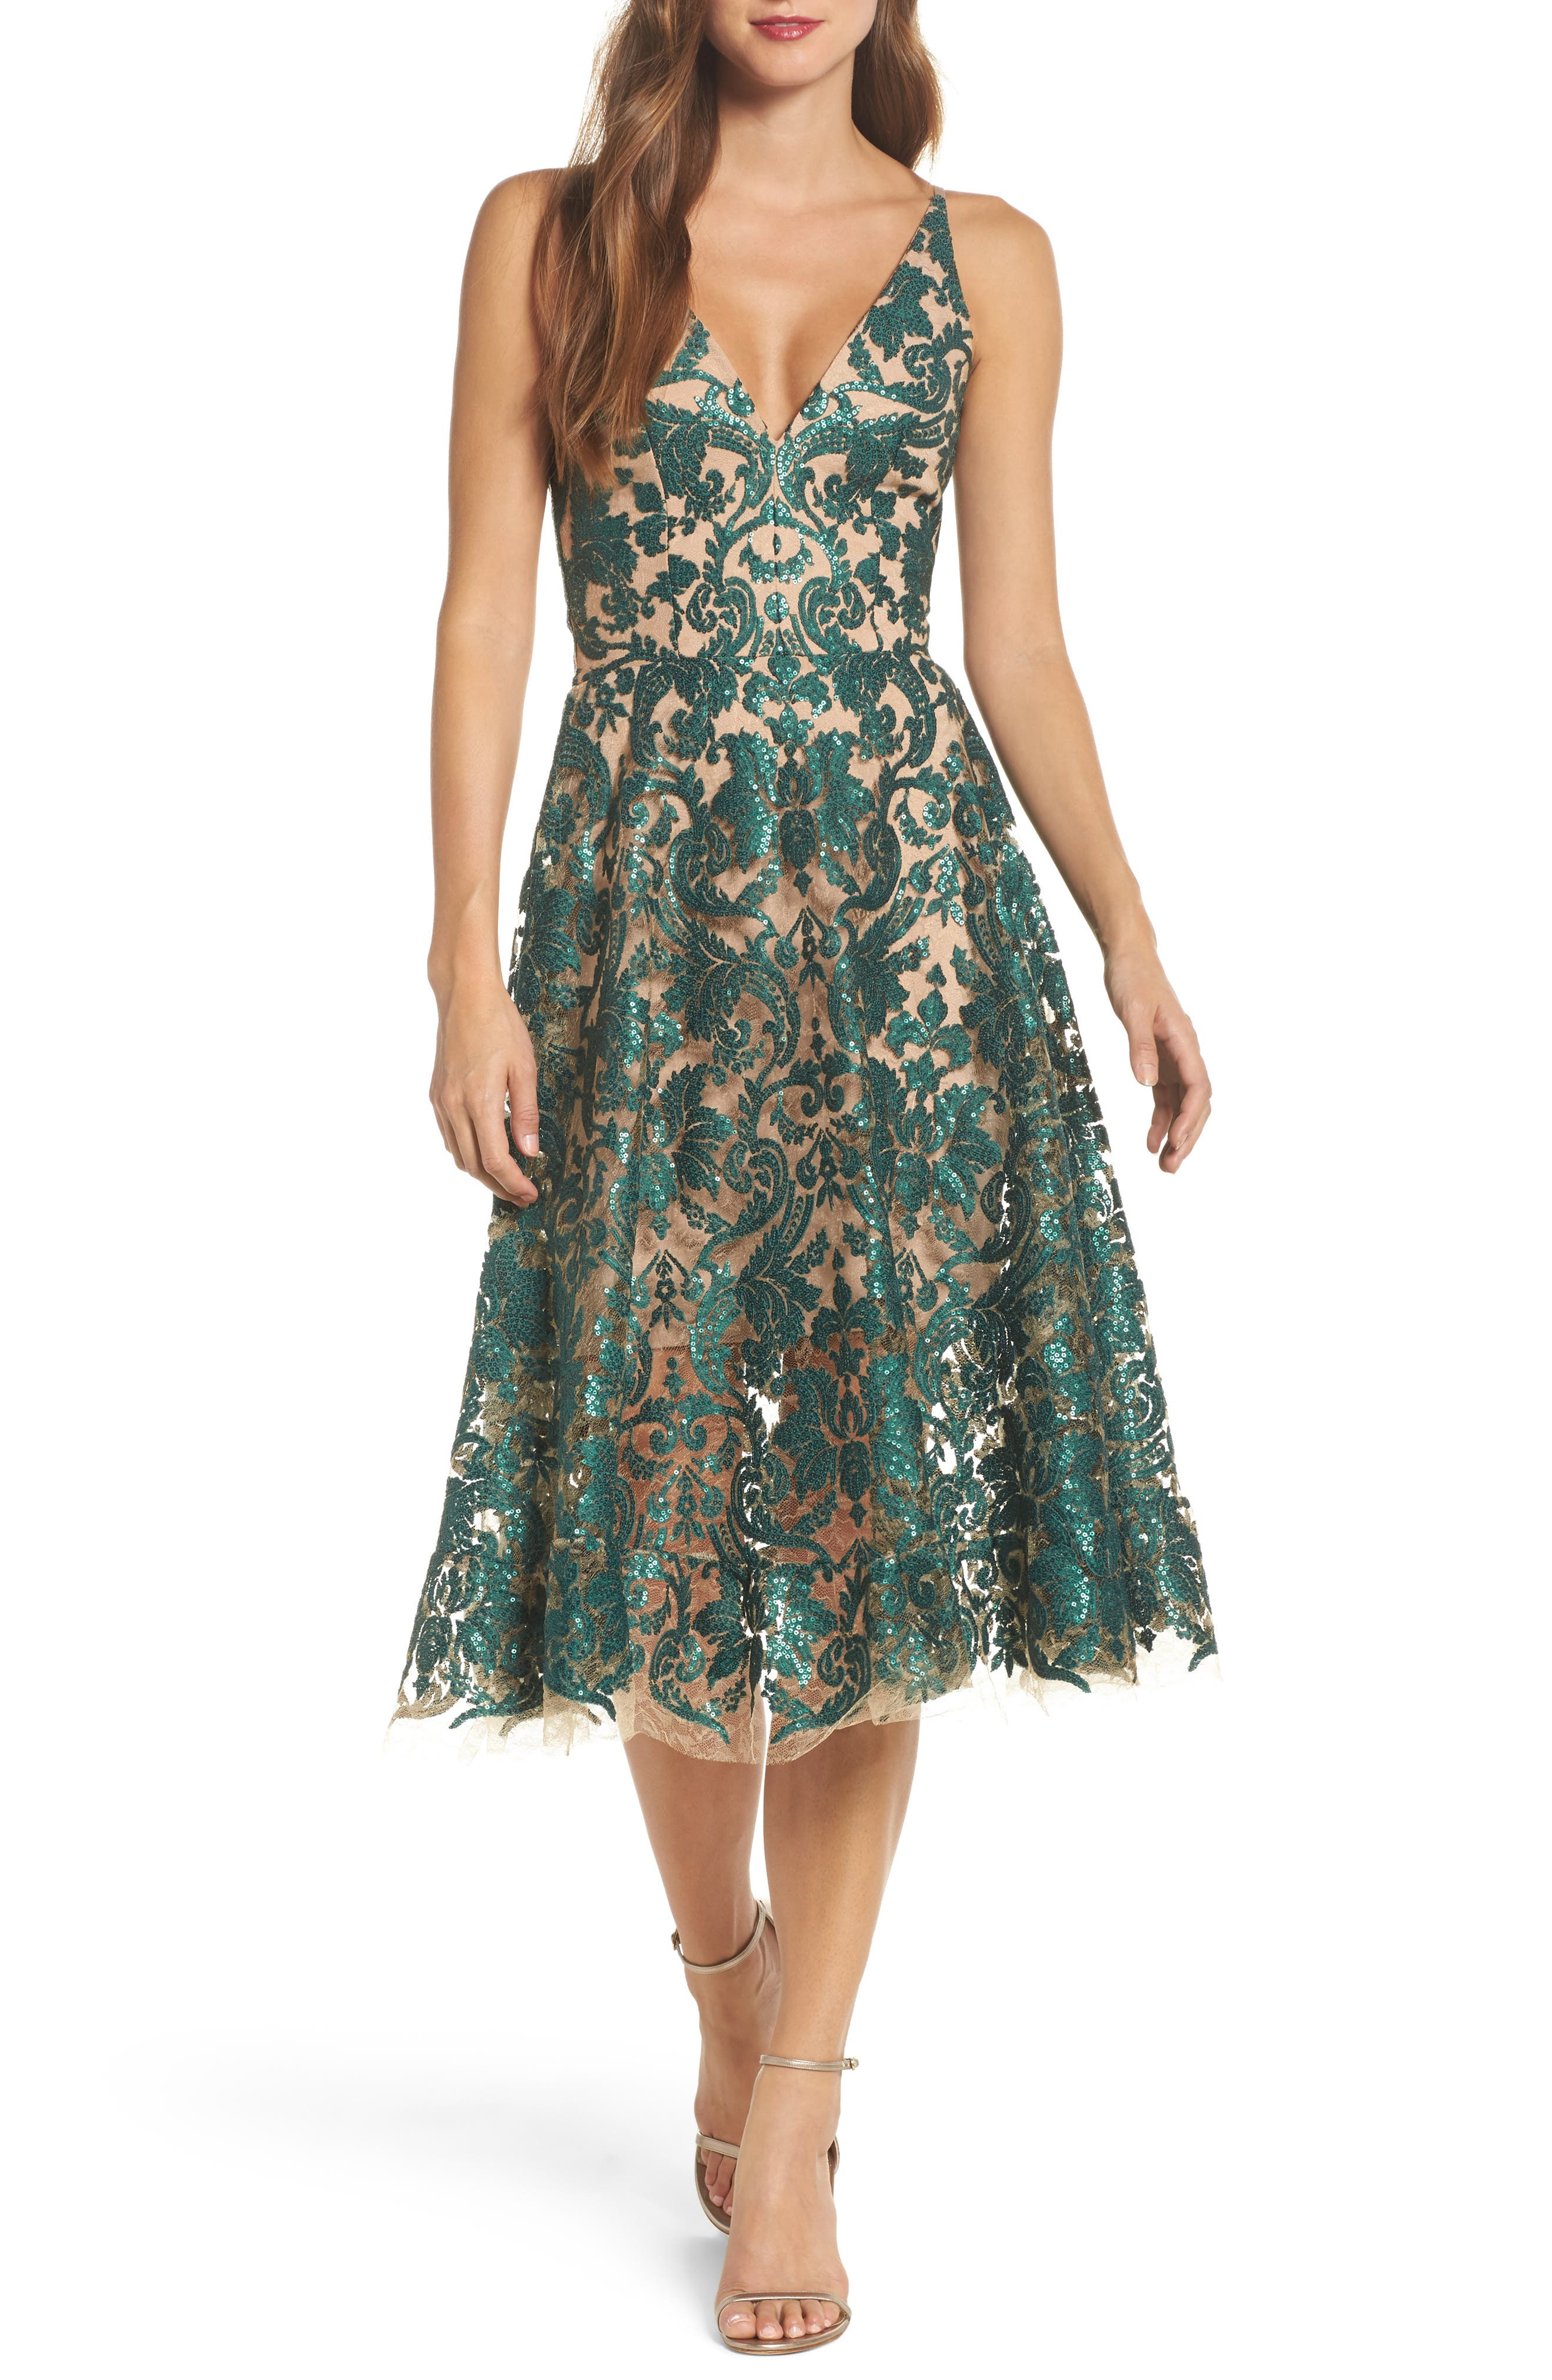 Alternate Image 1 Selected - Dress the Population Blair Embellished Fit & Flare Dress